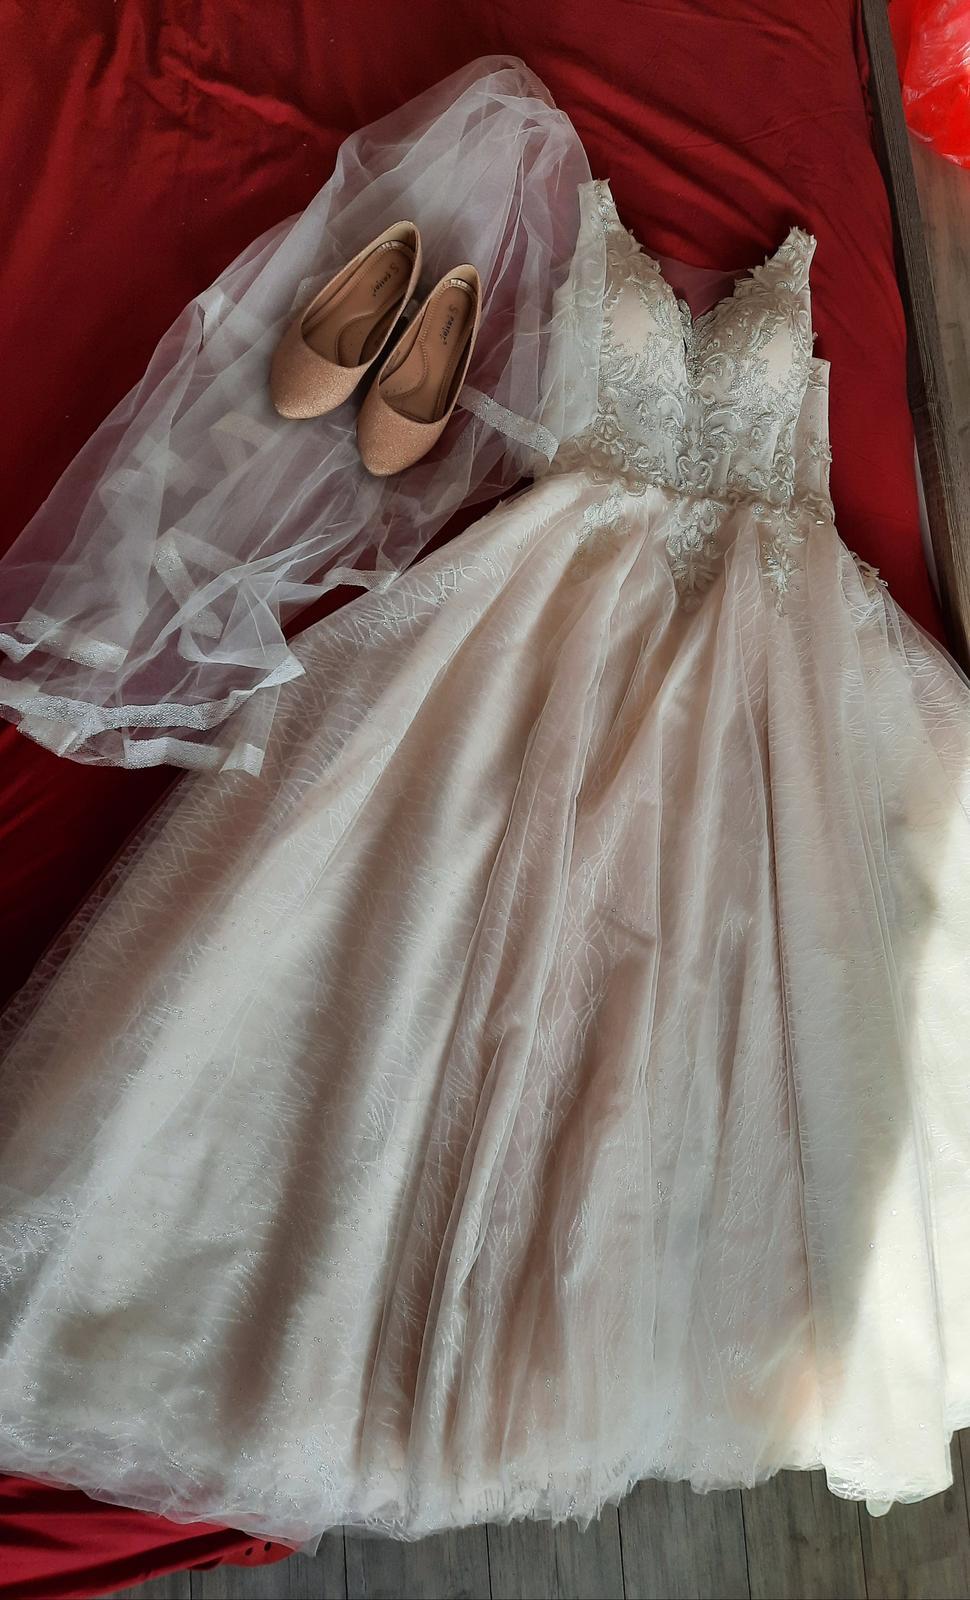 princeznovske svadobné šaty - Obrázok č. 1